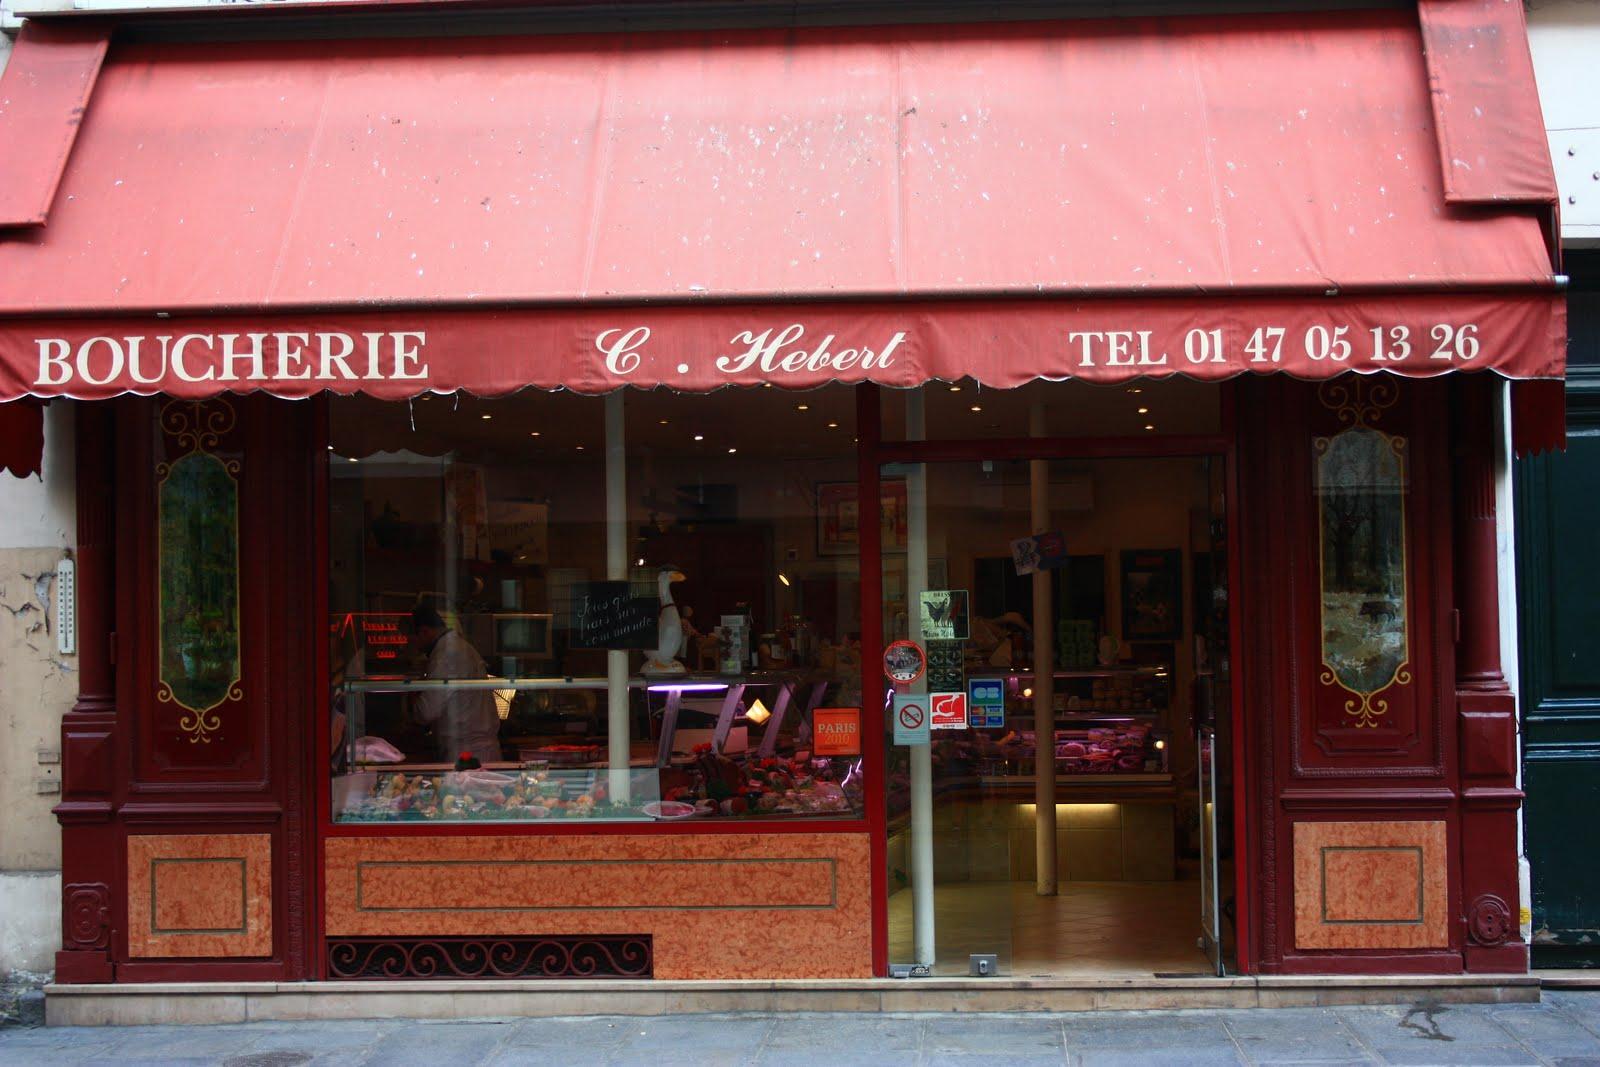 Sydney Eye: Ici et là - The butcher shop